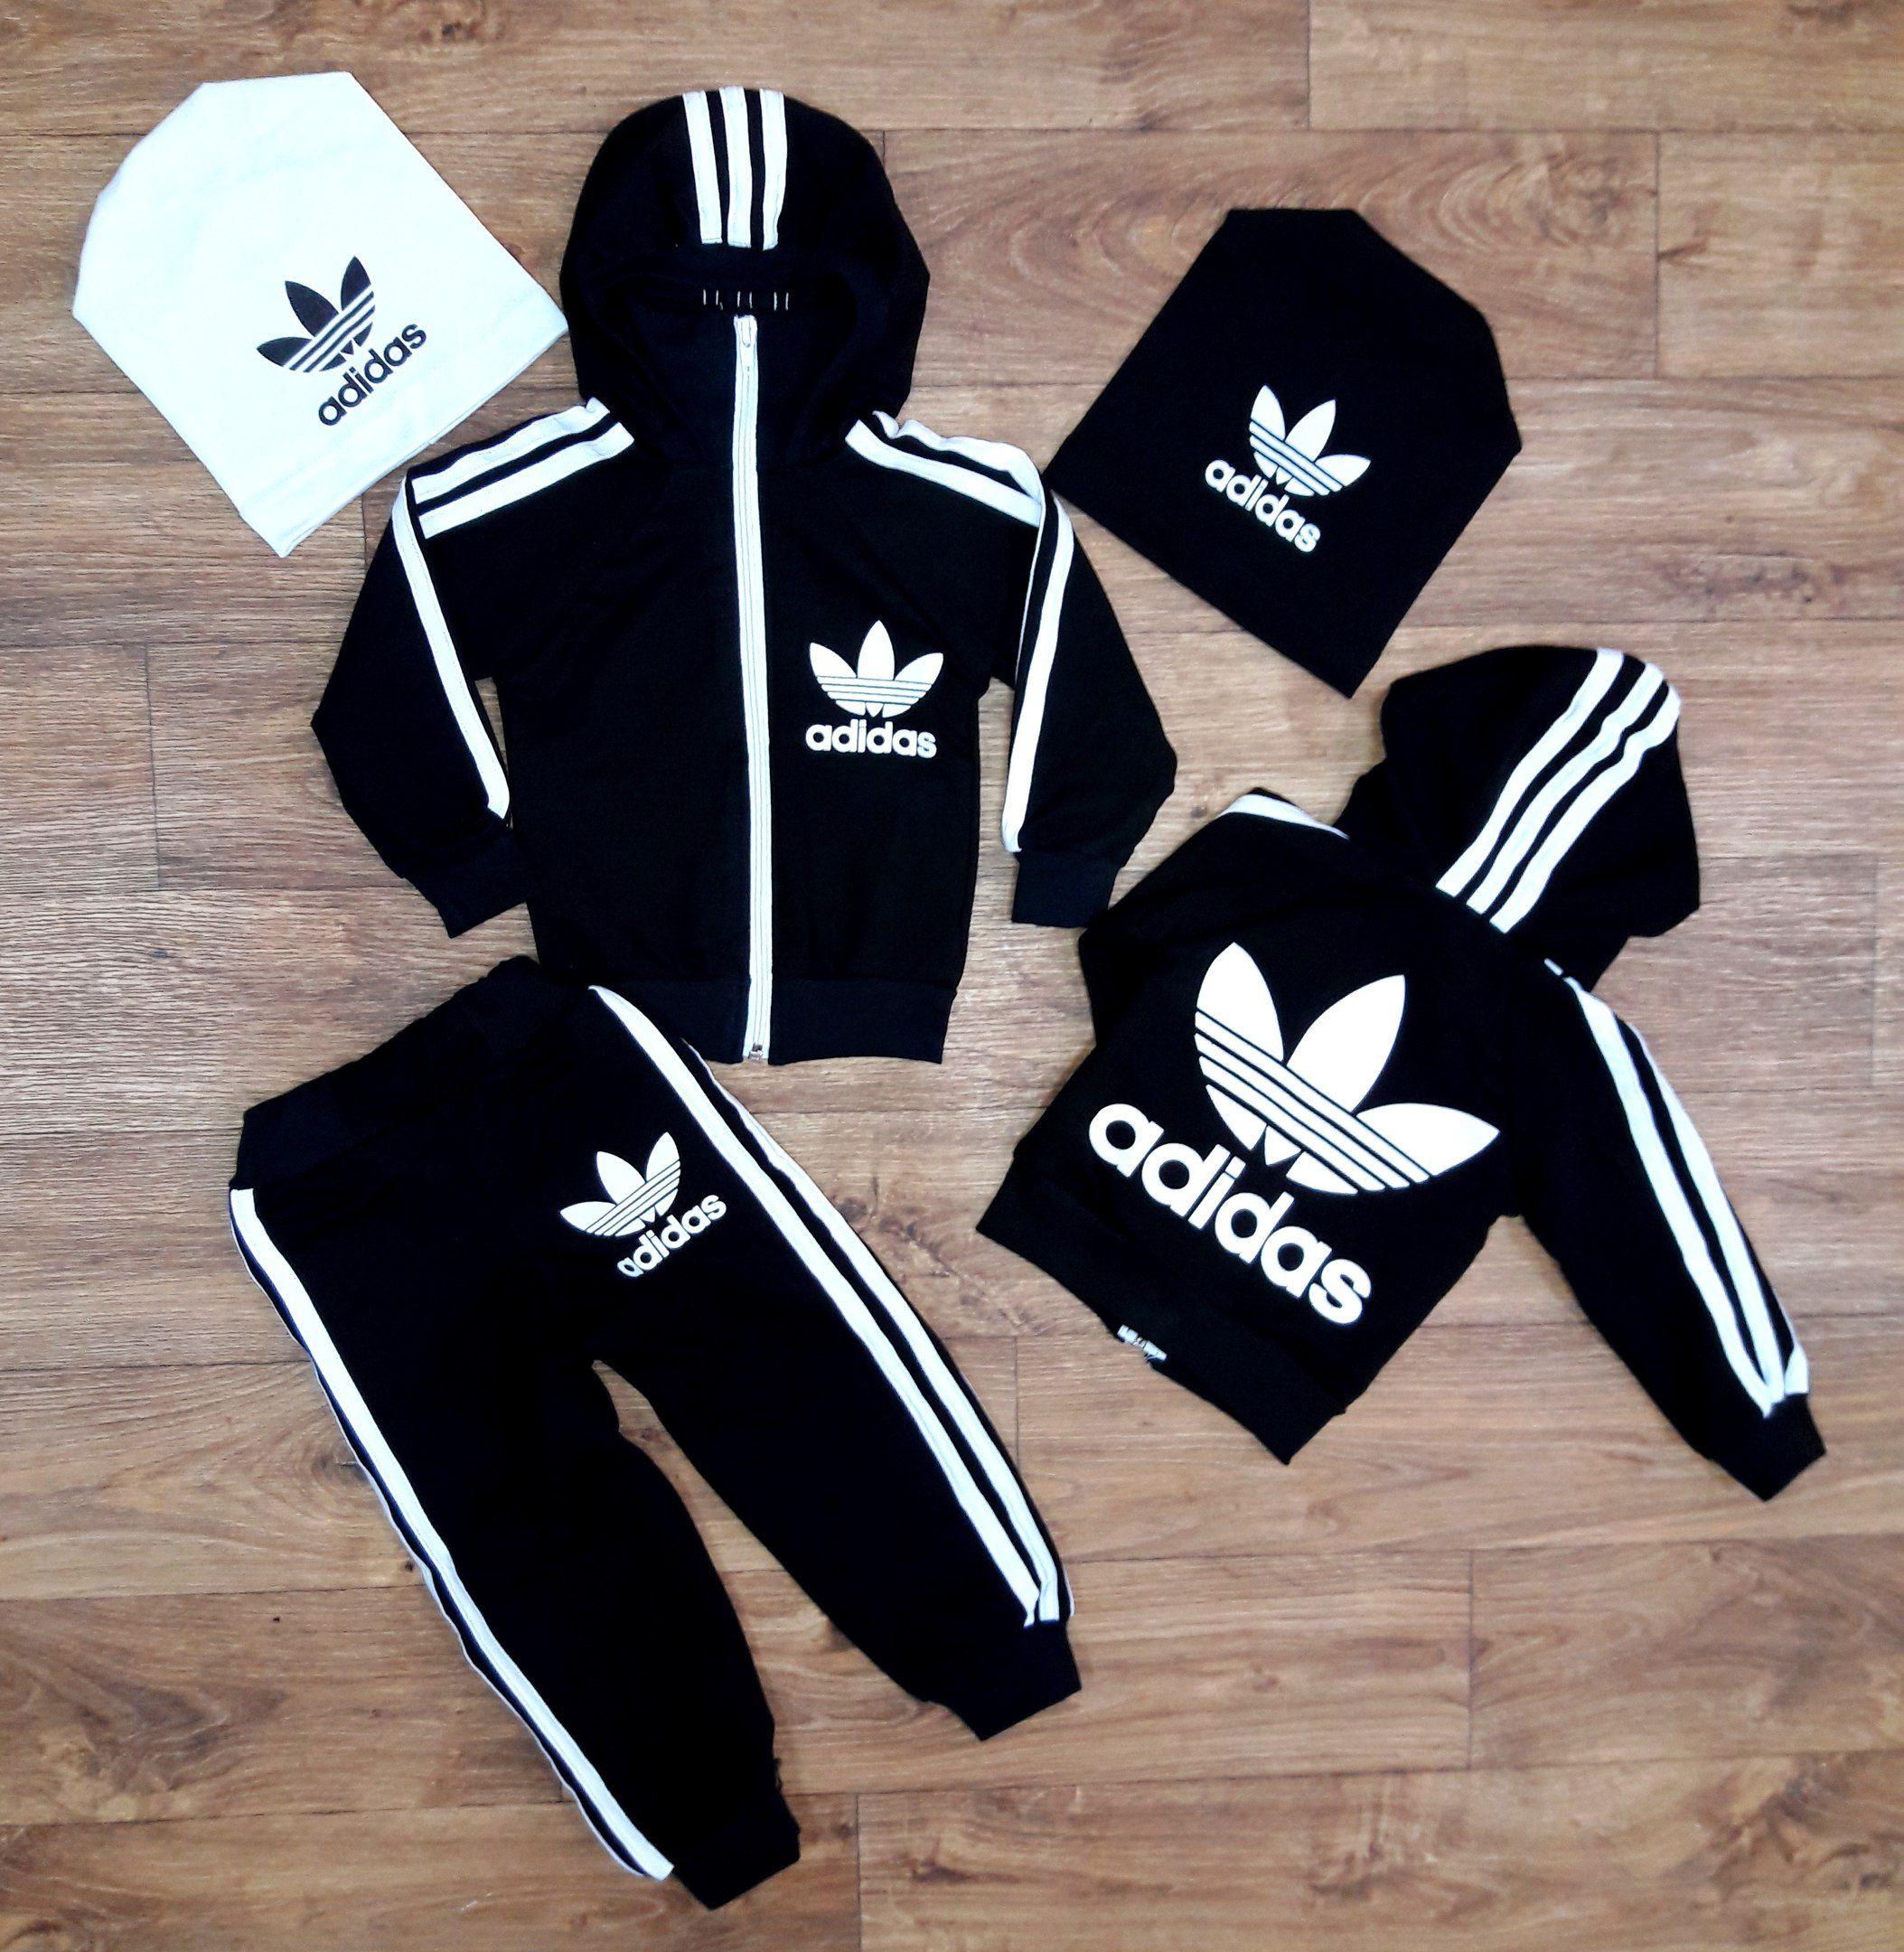 Baby adidas clothes off jpg 2107x2160 Adidas baby wear 1df4e5f6a